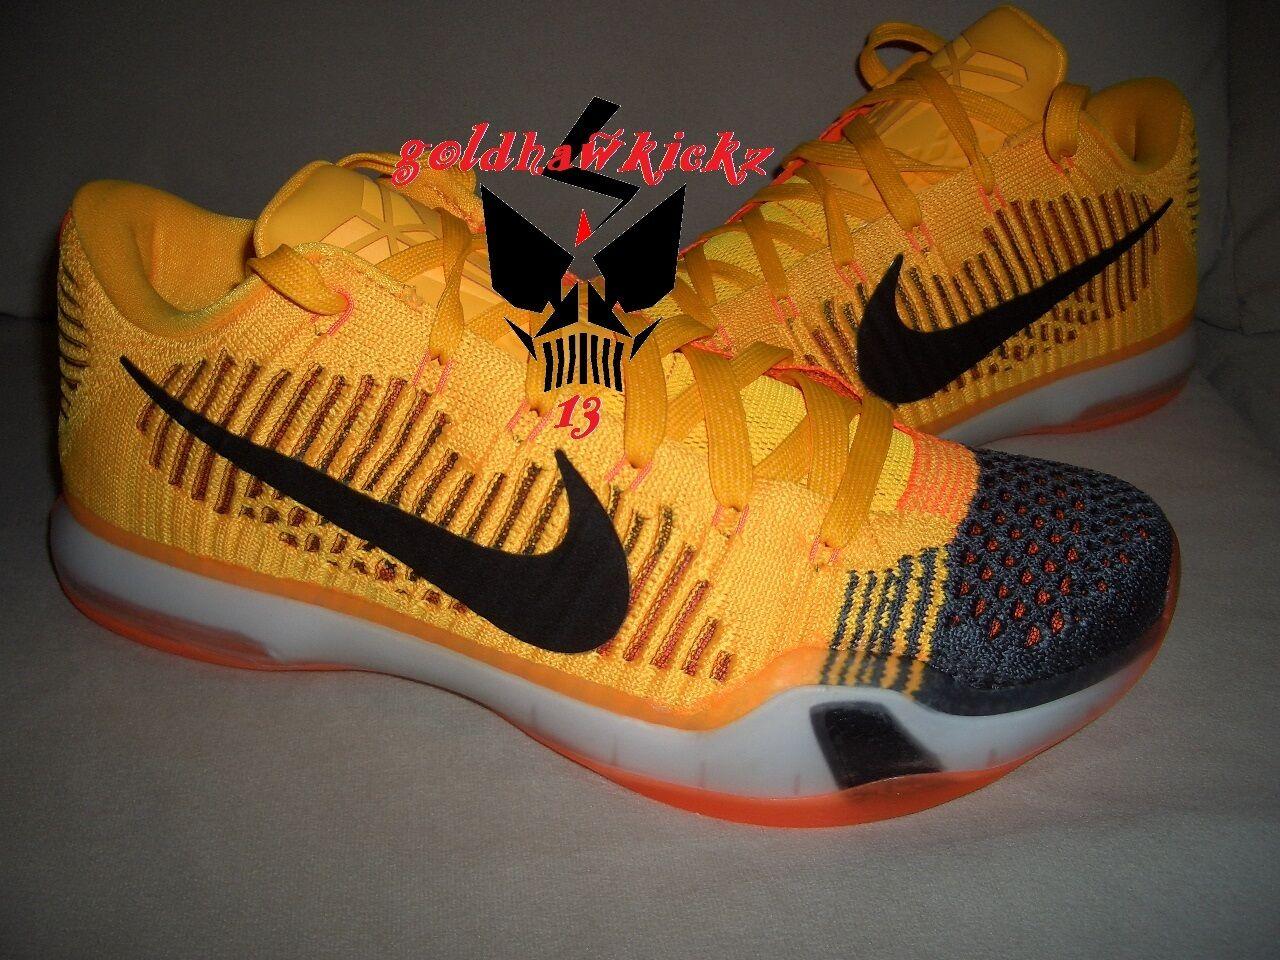 Nike - x 10 elite basso rivalità chester giallo - arancio, grigio flyknit lakers labirinto